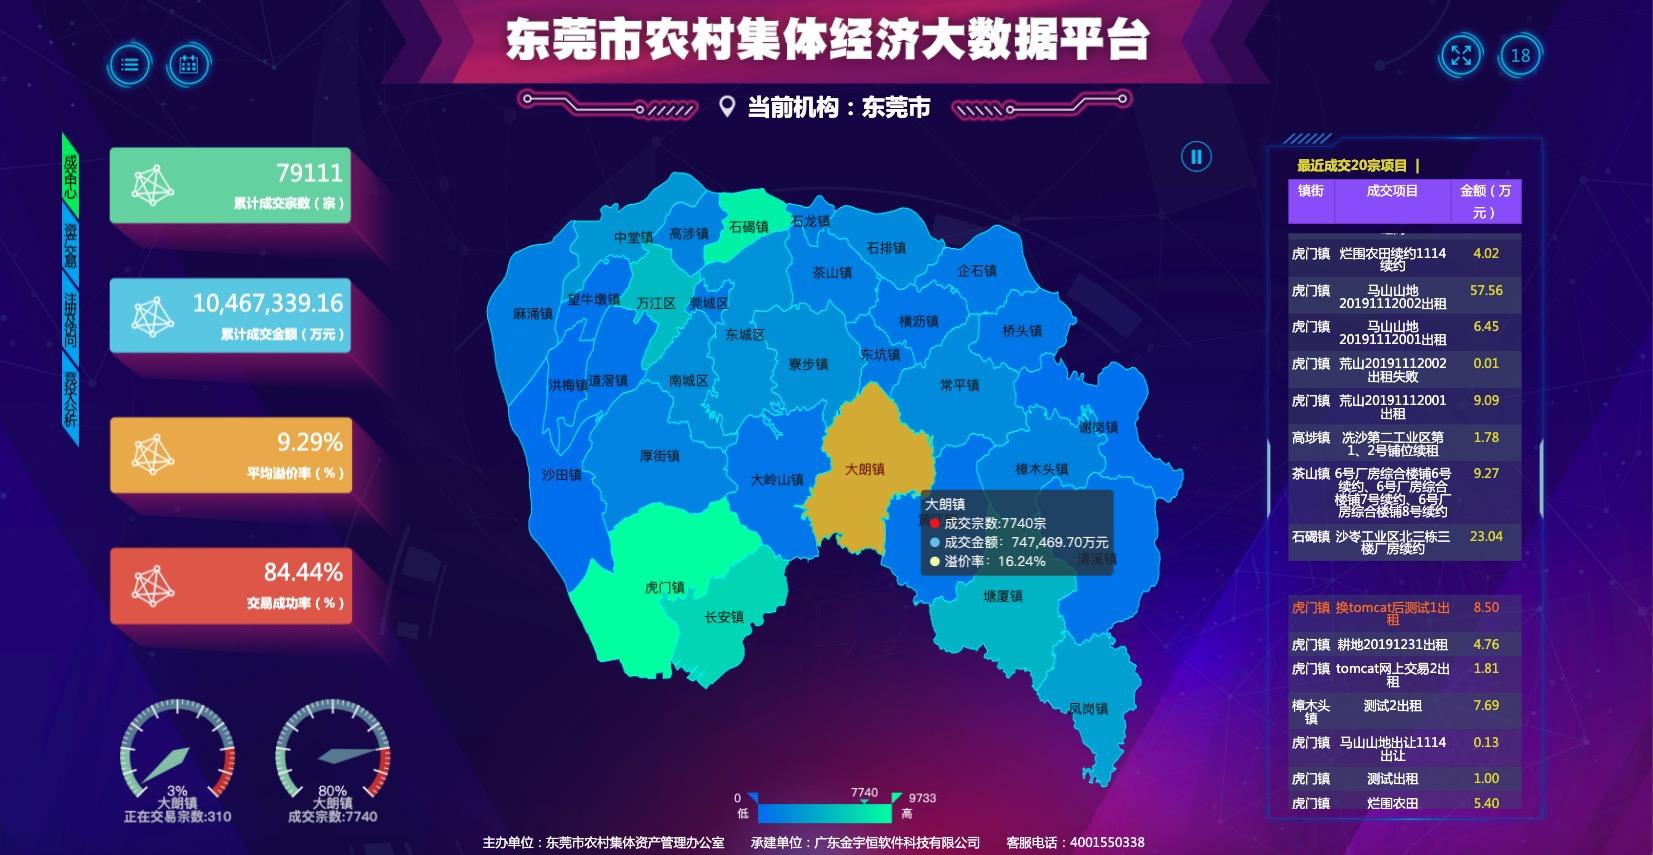 农村集体经济大数据平台